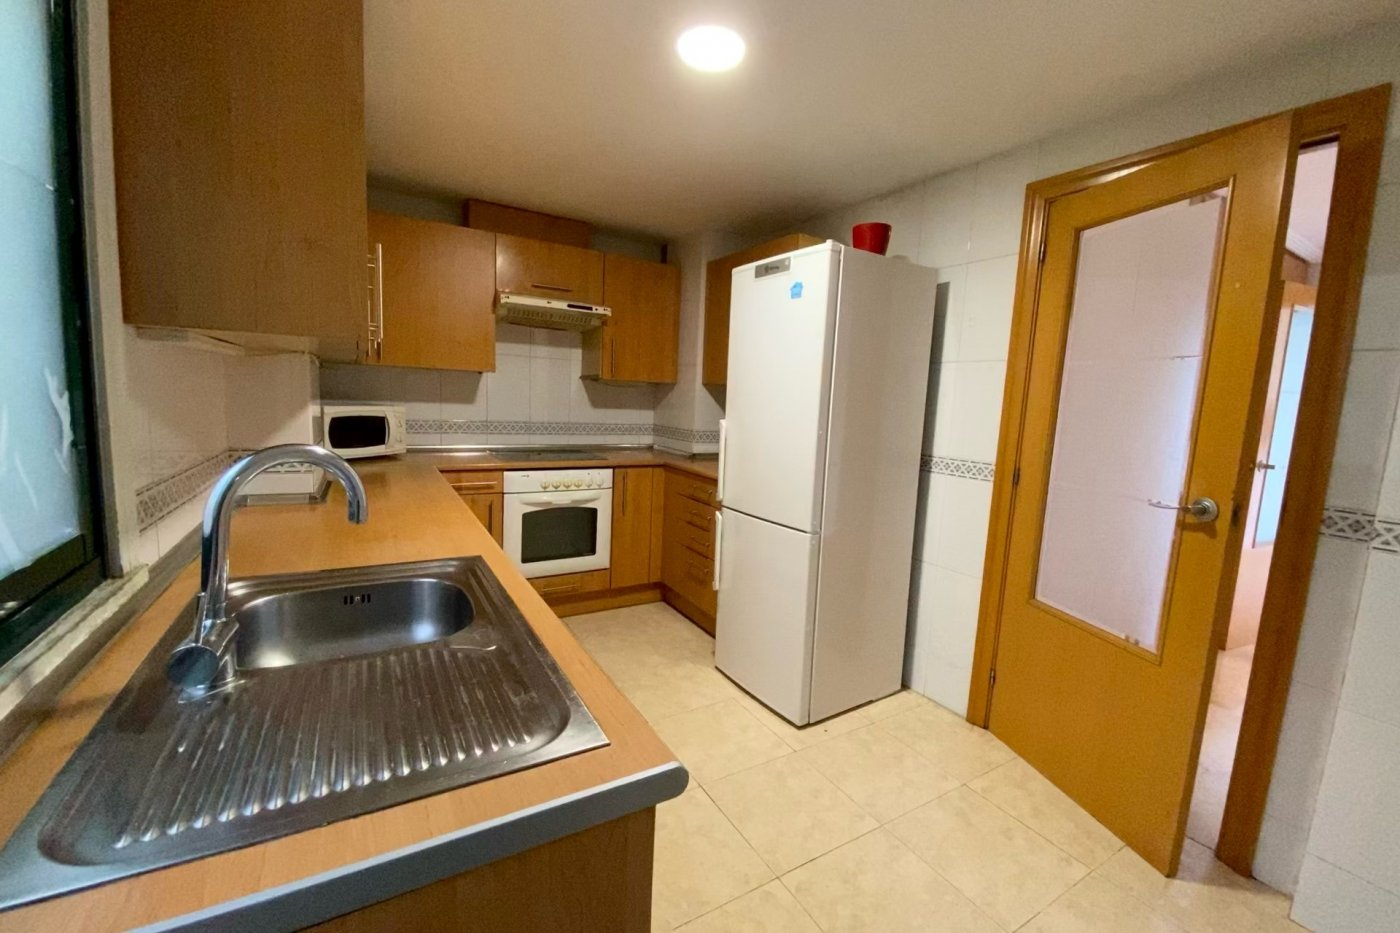 Piso sin muebles de 105 m² de superficie en zona residencial de son cotoner, palma de mall - imagenInmueble3